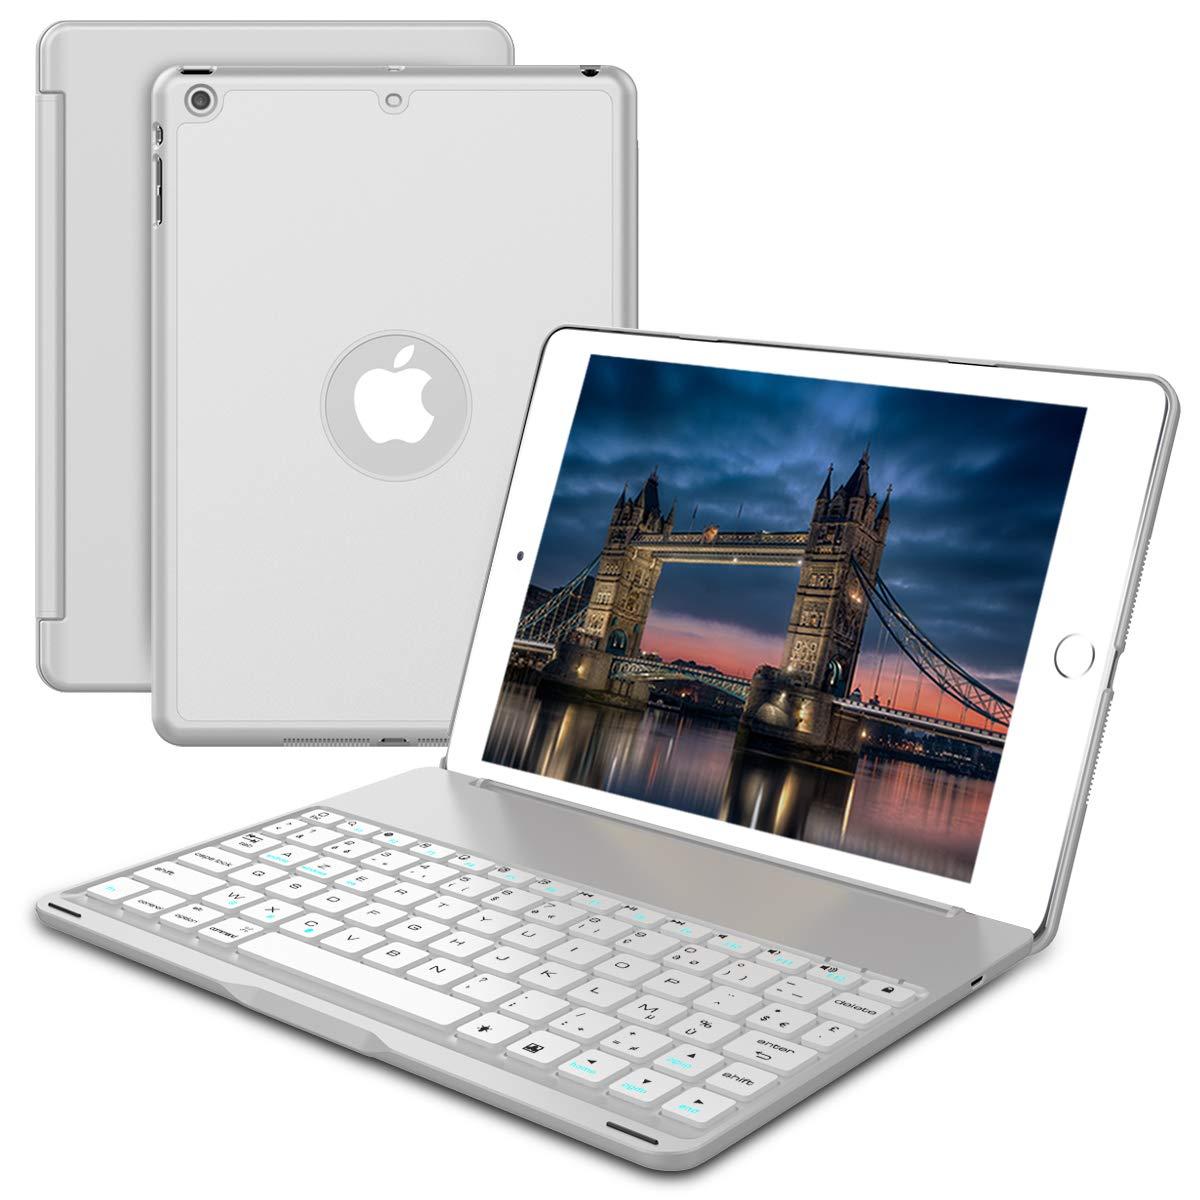 【期間限定】 2018 New 保護,MeetJP iPad 保護,MeetJP B07L3VGL2N スクラッチ耐性 2018 柔らかい シェル, 保護 ケース シェル シェル Silver B07L3VGL2N, コンビスタイルオンライン:fac1f836 --- a0267596.xsph.ru